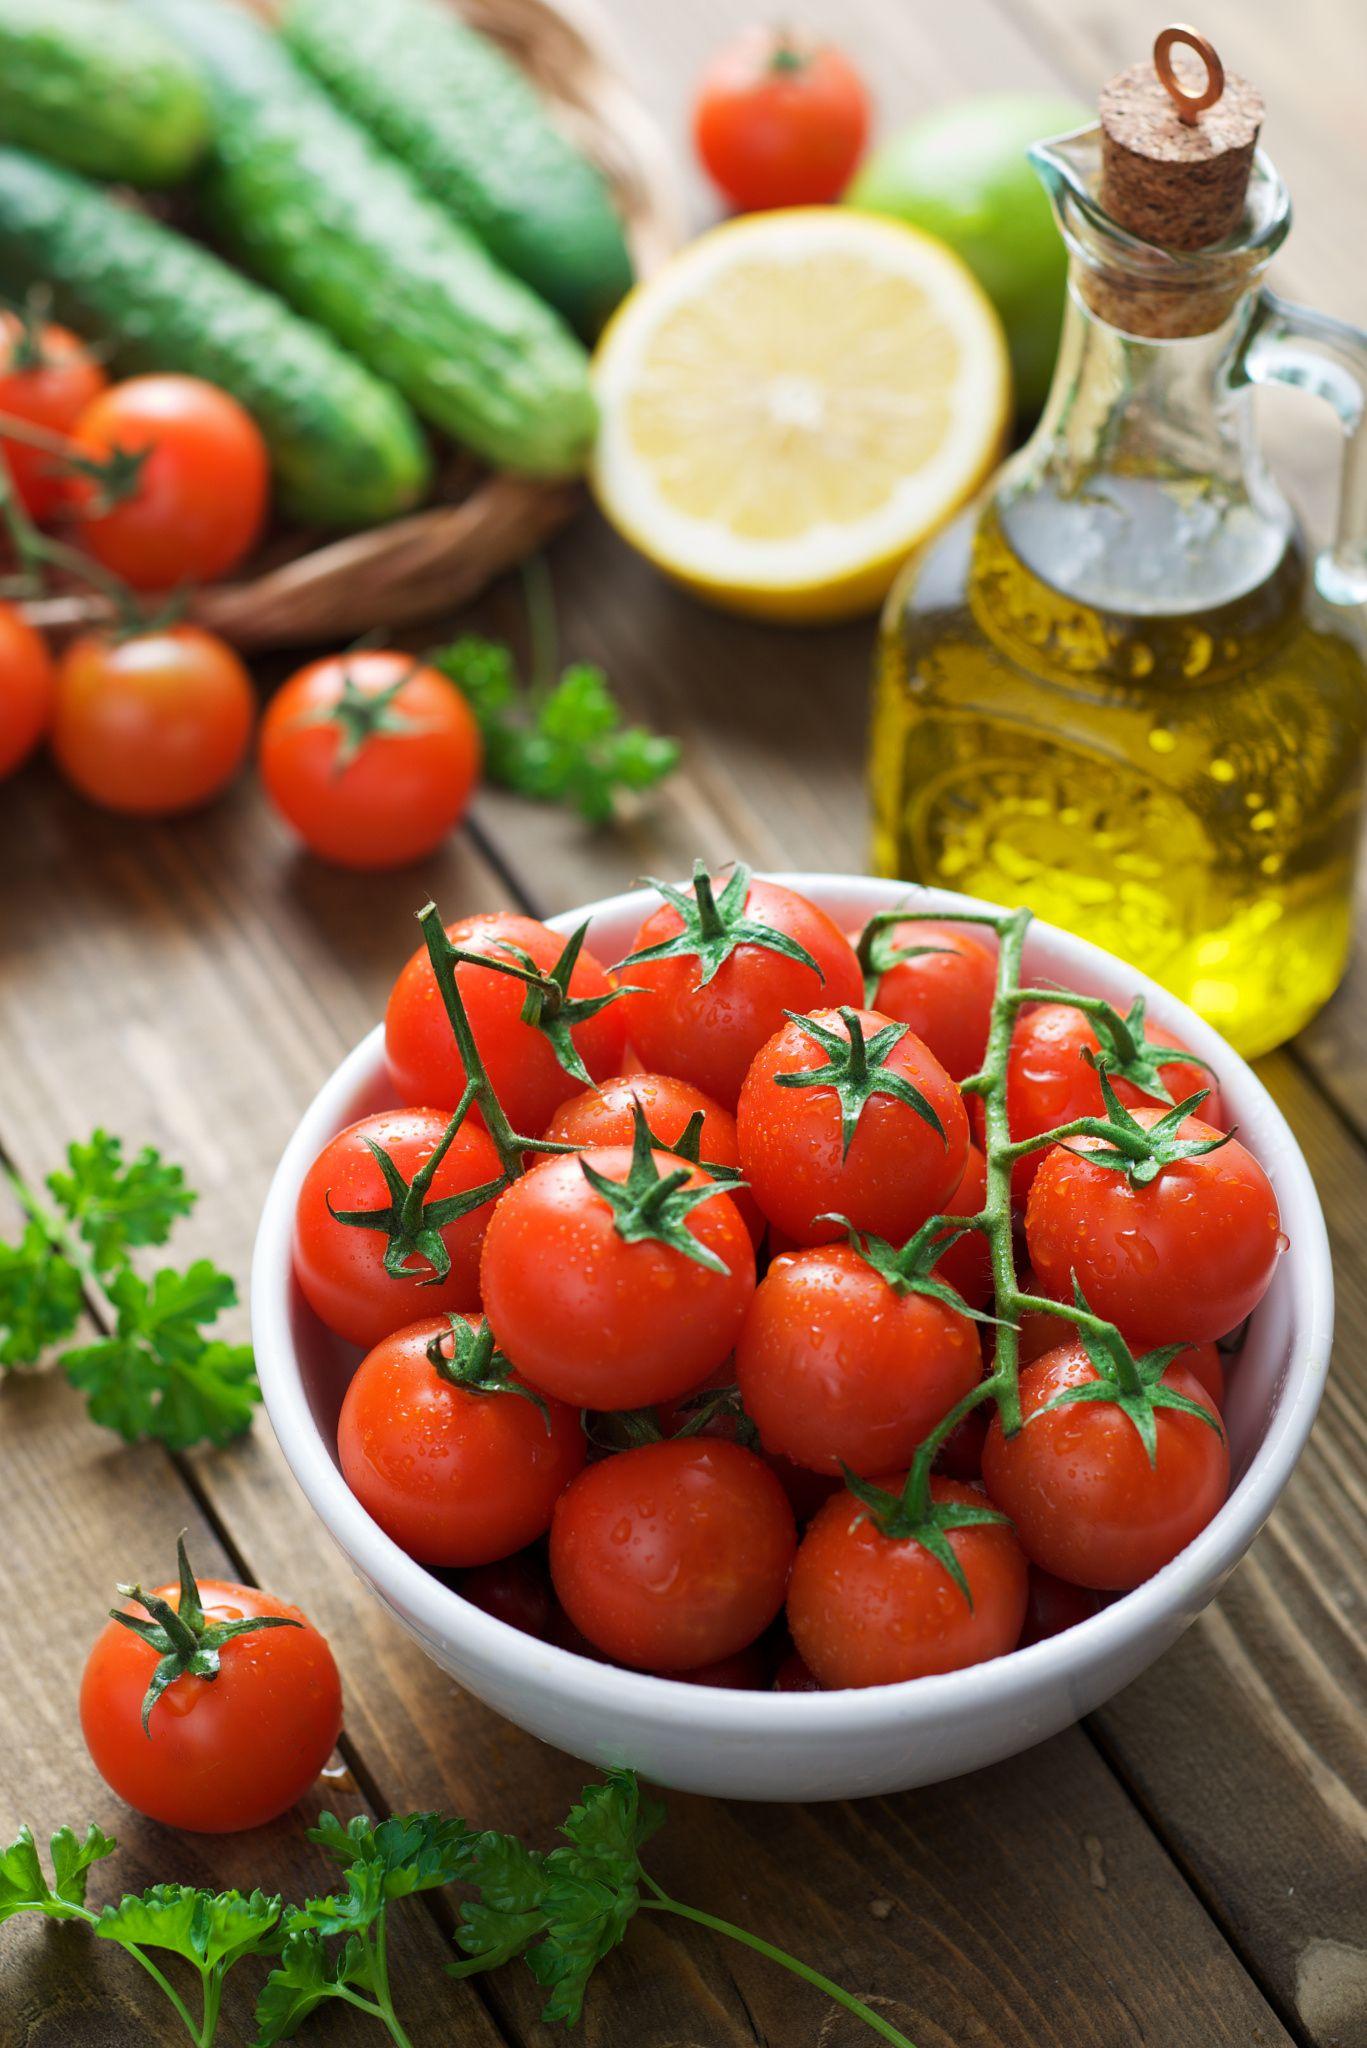 5 loại thực phẩm thần kỳ giúp các chị em có da đẹp, dáng thon và chống lão hóa hiệu quả - Ảnh 2.